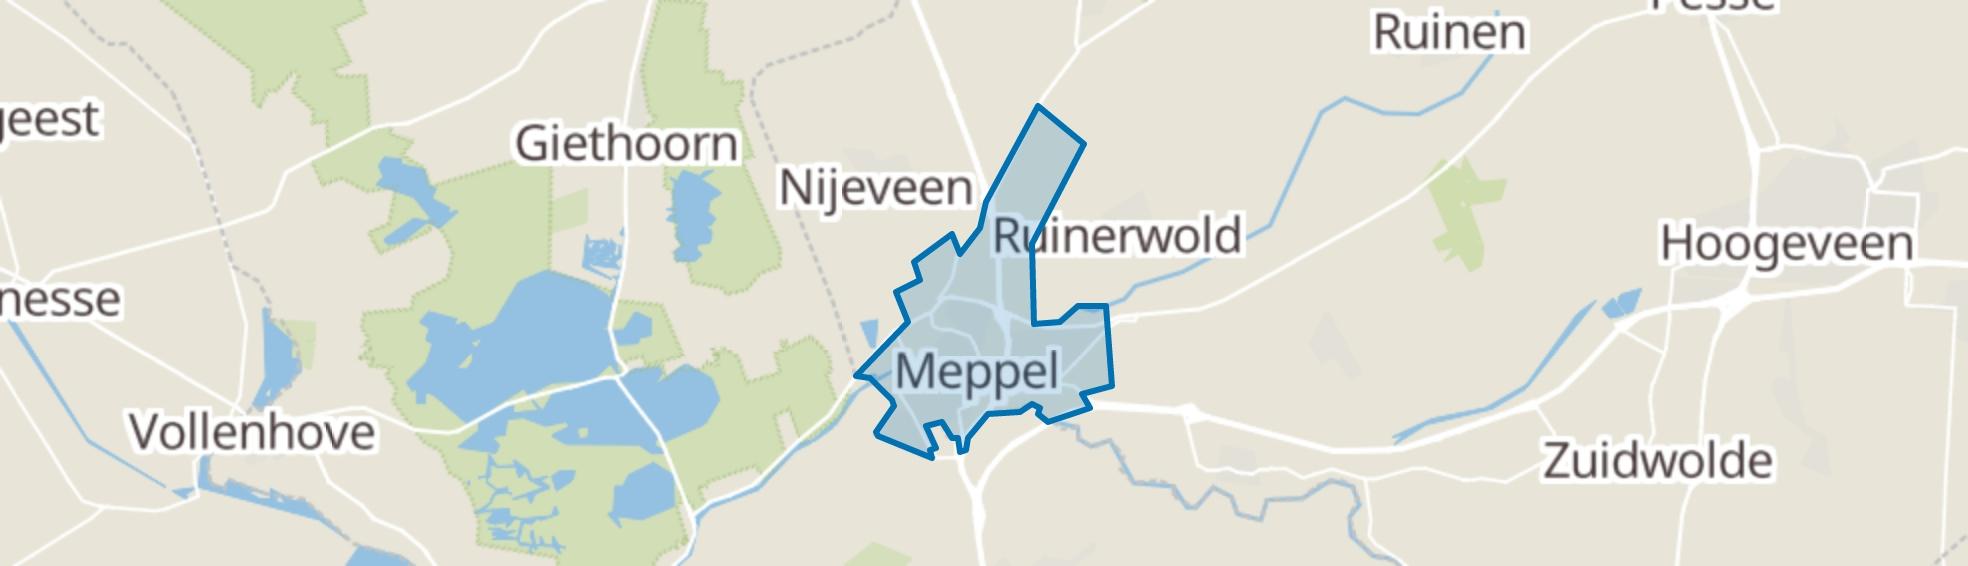 Meppel map